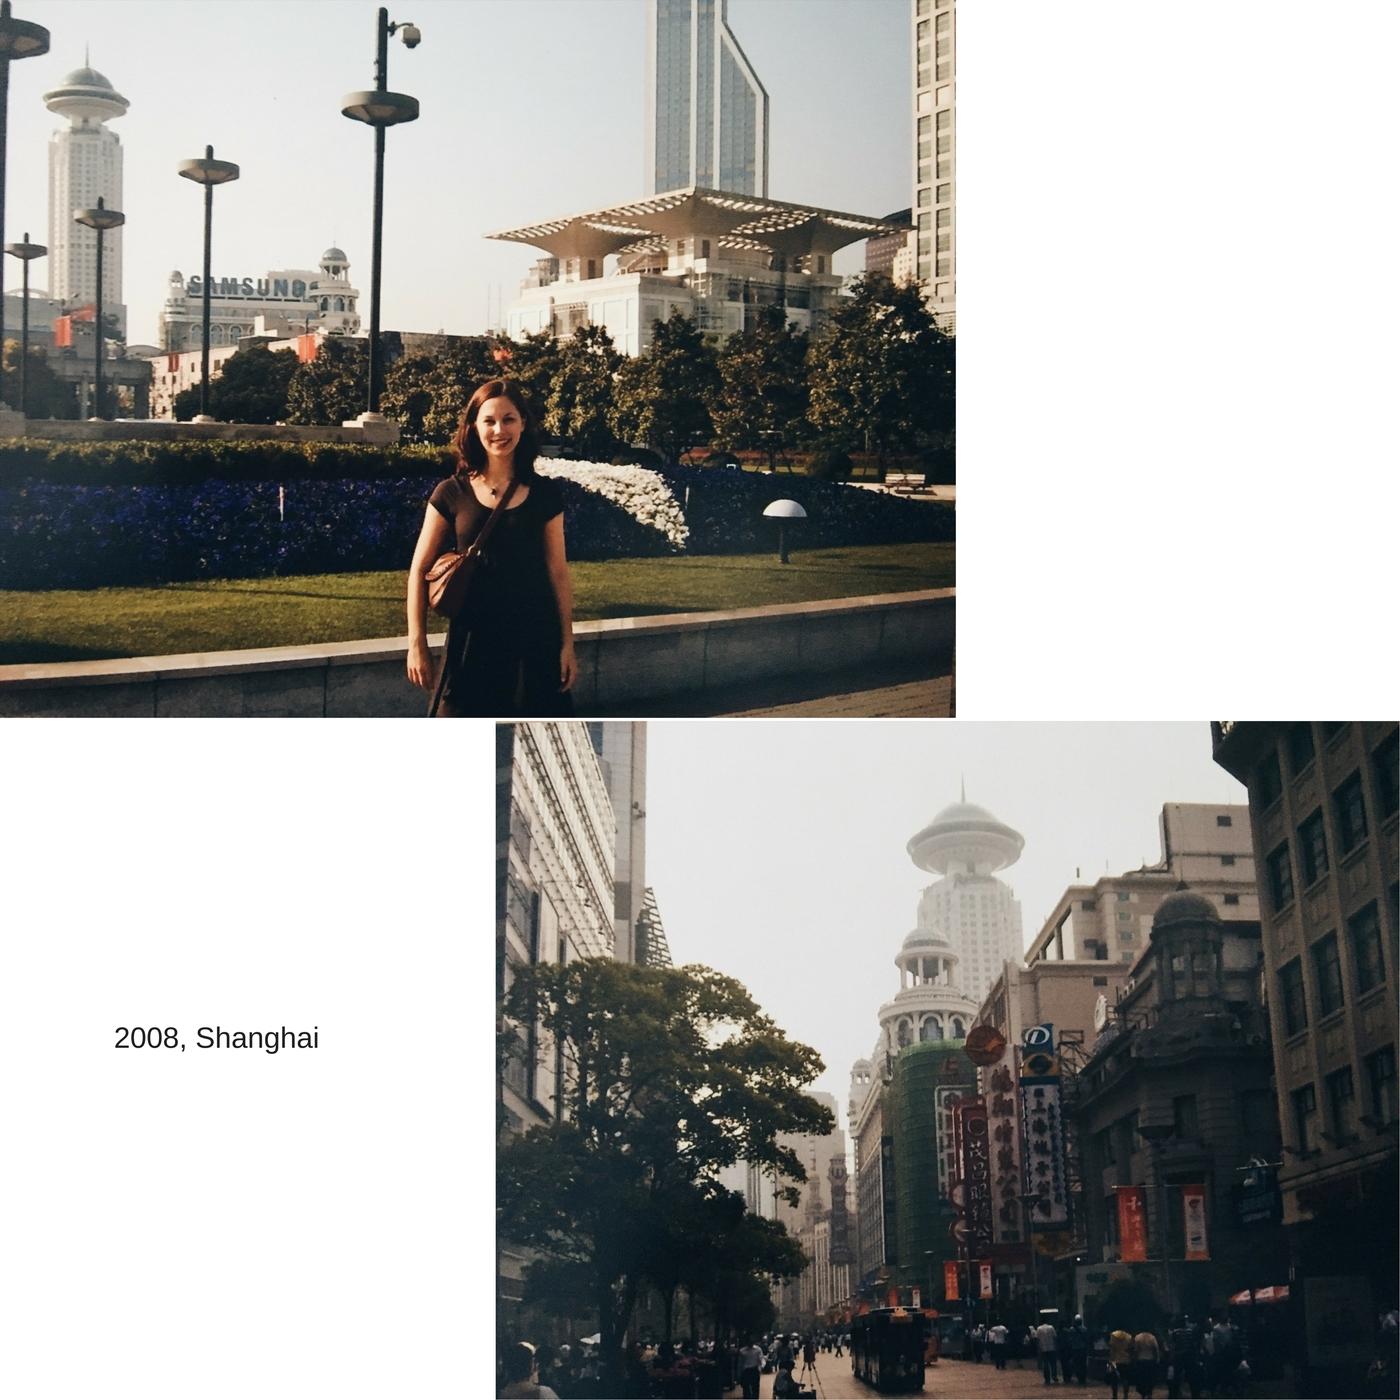 shanghai 2008.jpg